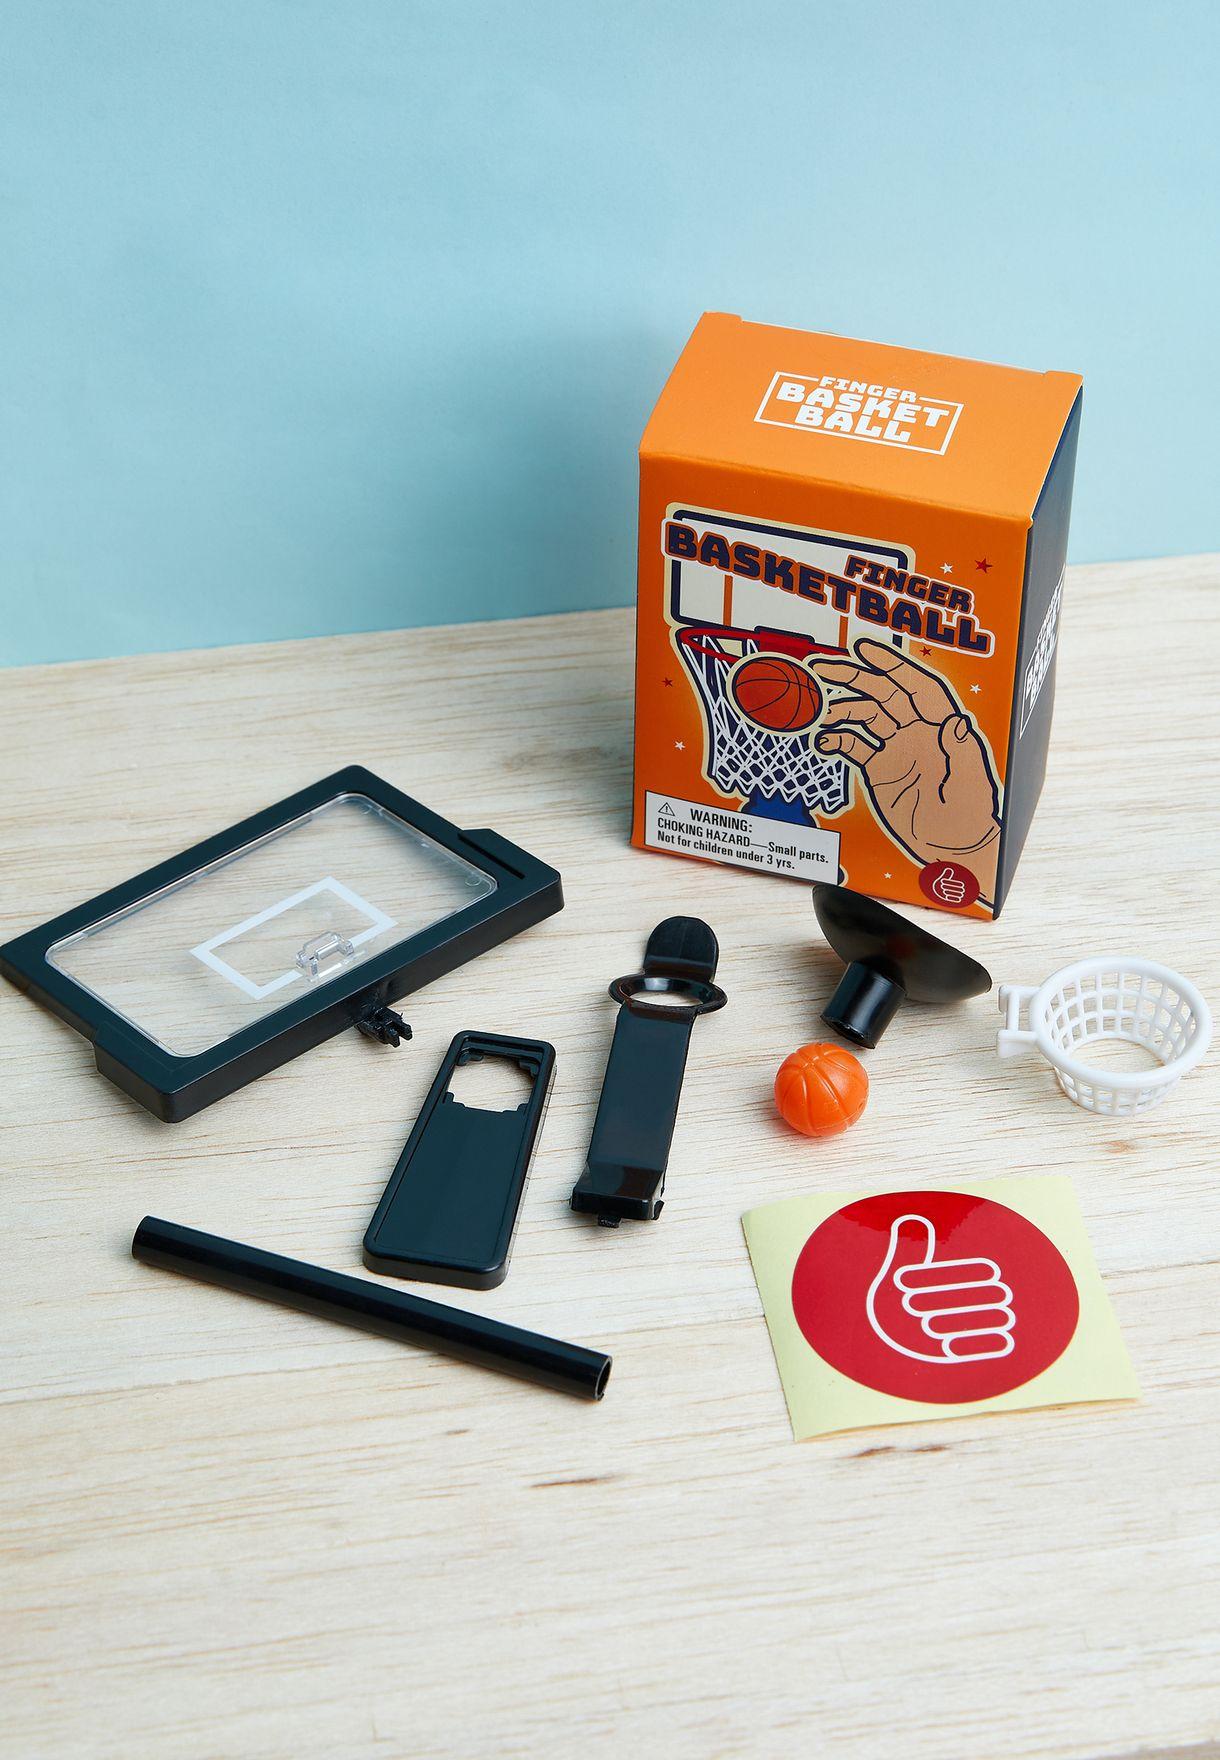 لعبة تصويب كرة السلة باستخدام الاصبع